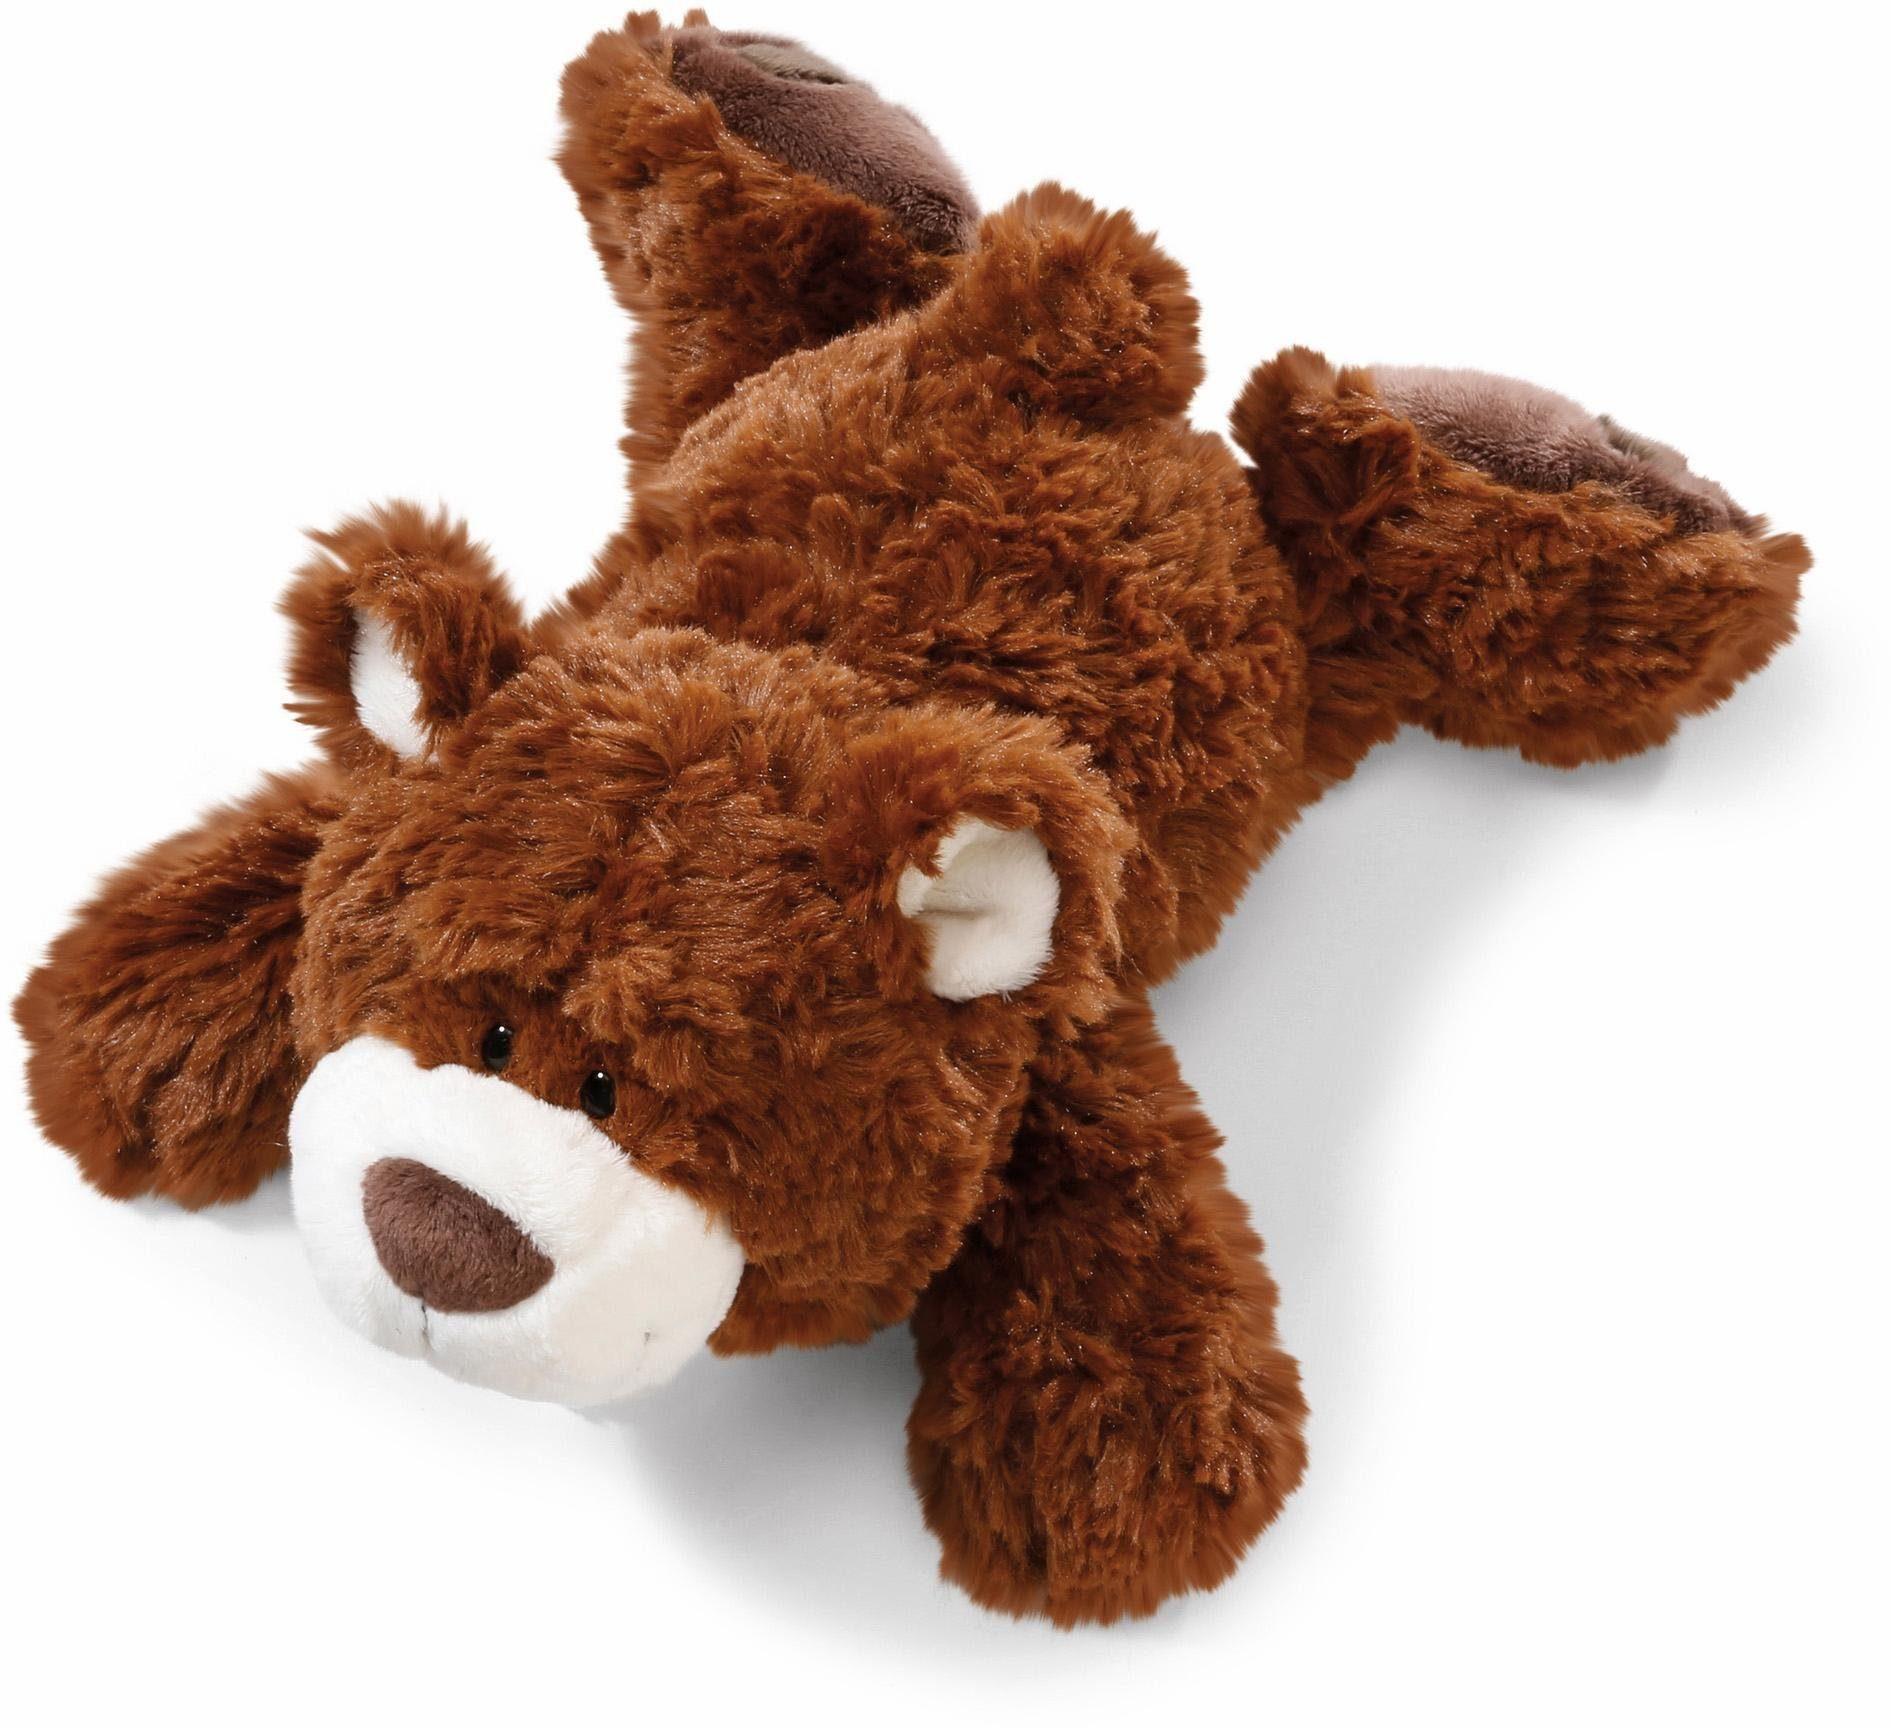 NICI Plüschtier, »Classic Bear Bär, liegend, 30 cm«